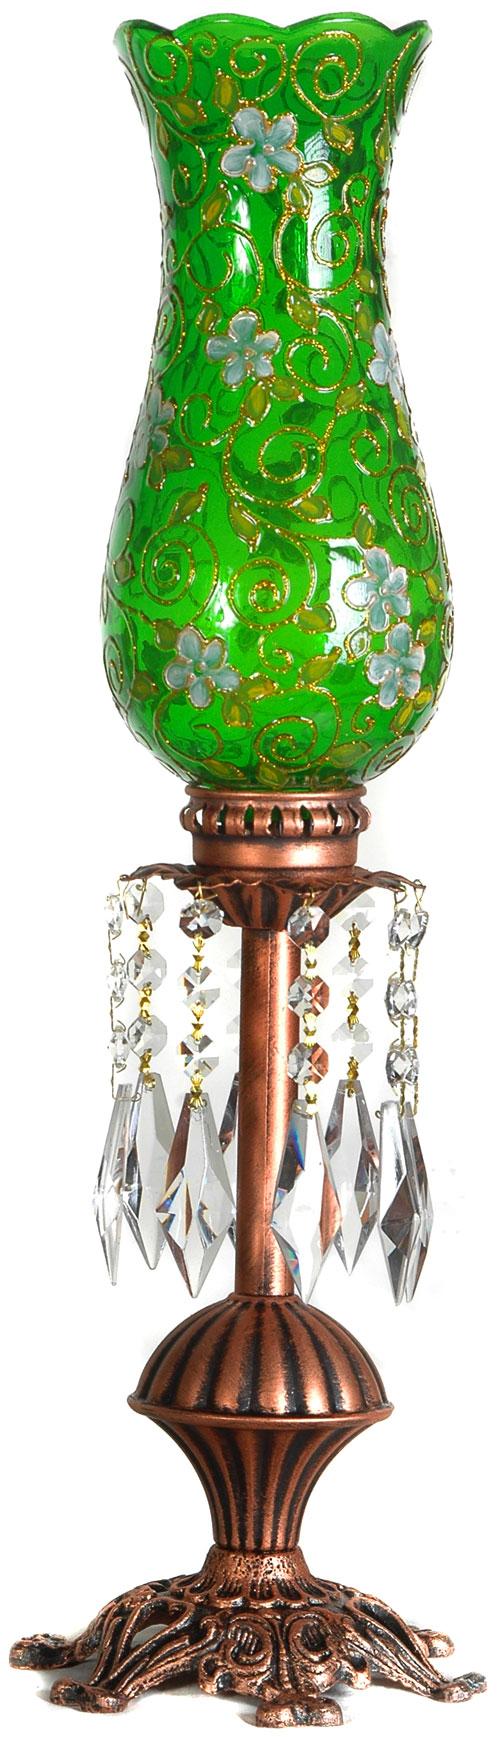 چراغ سبز رومیزی مینیاتوری